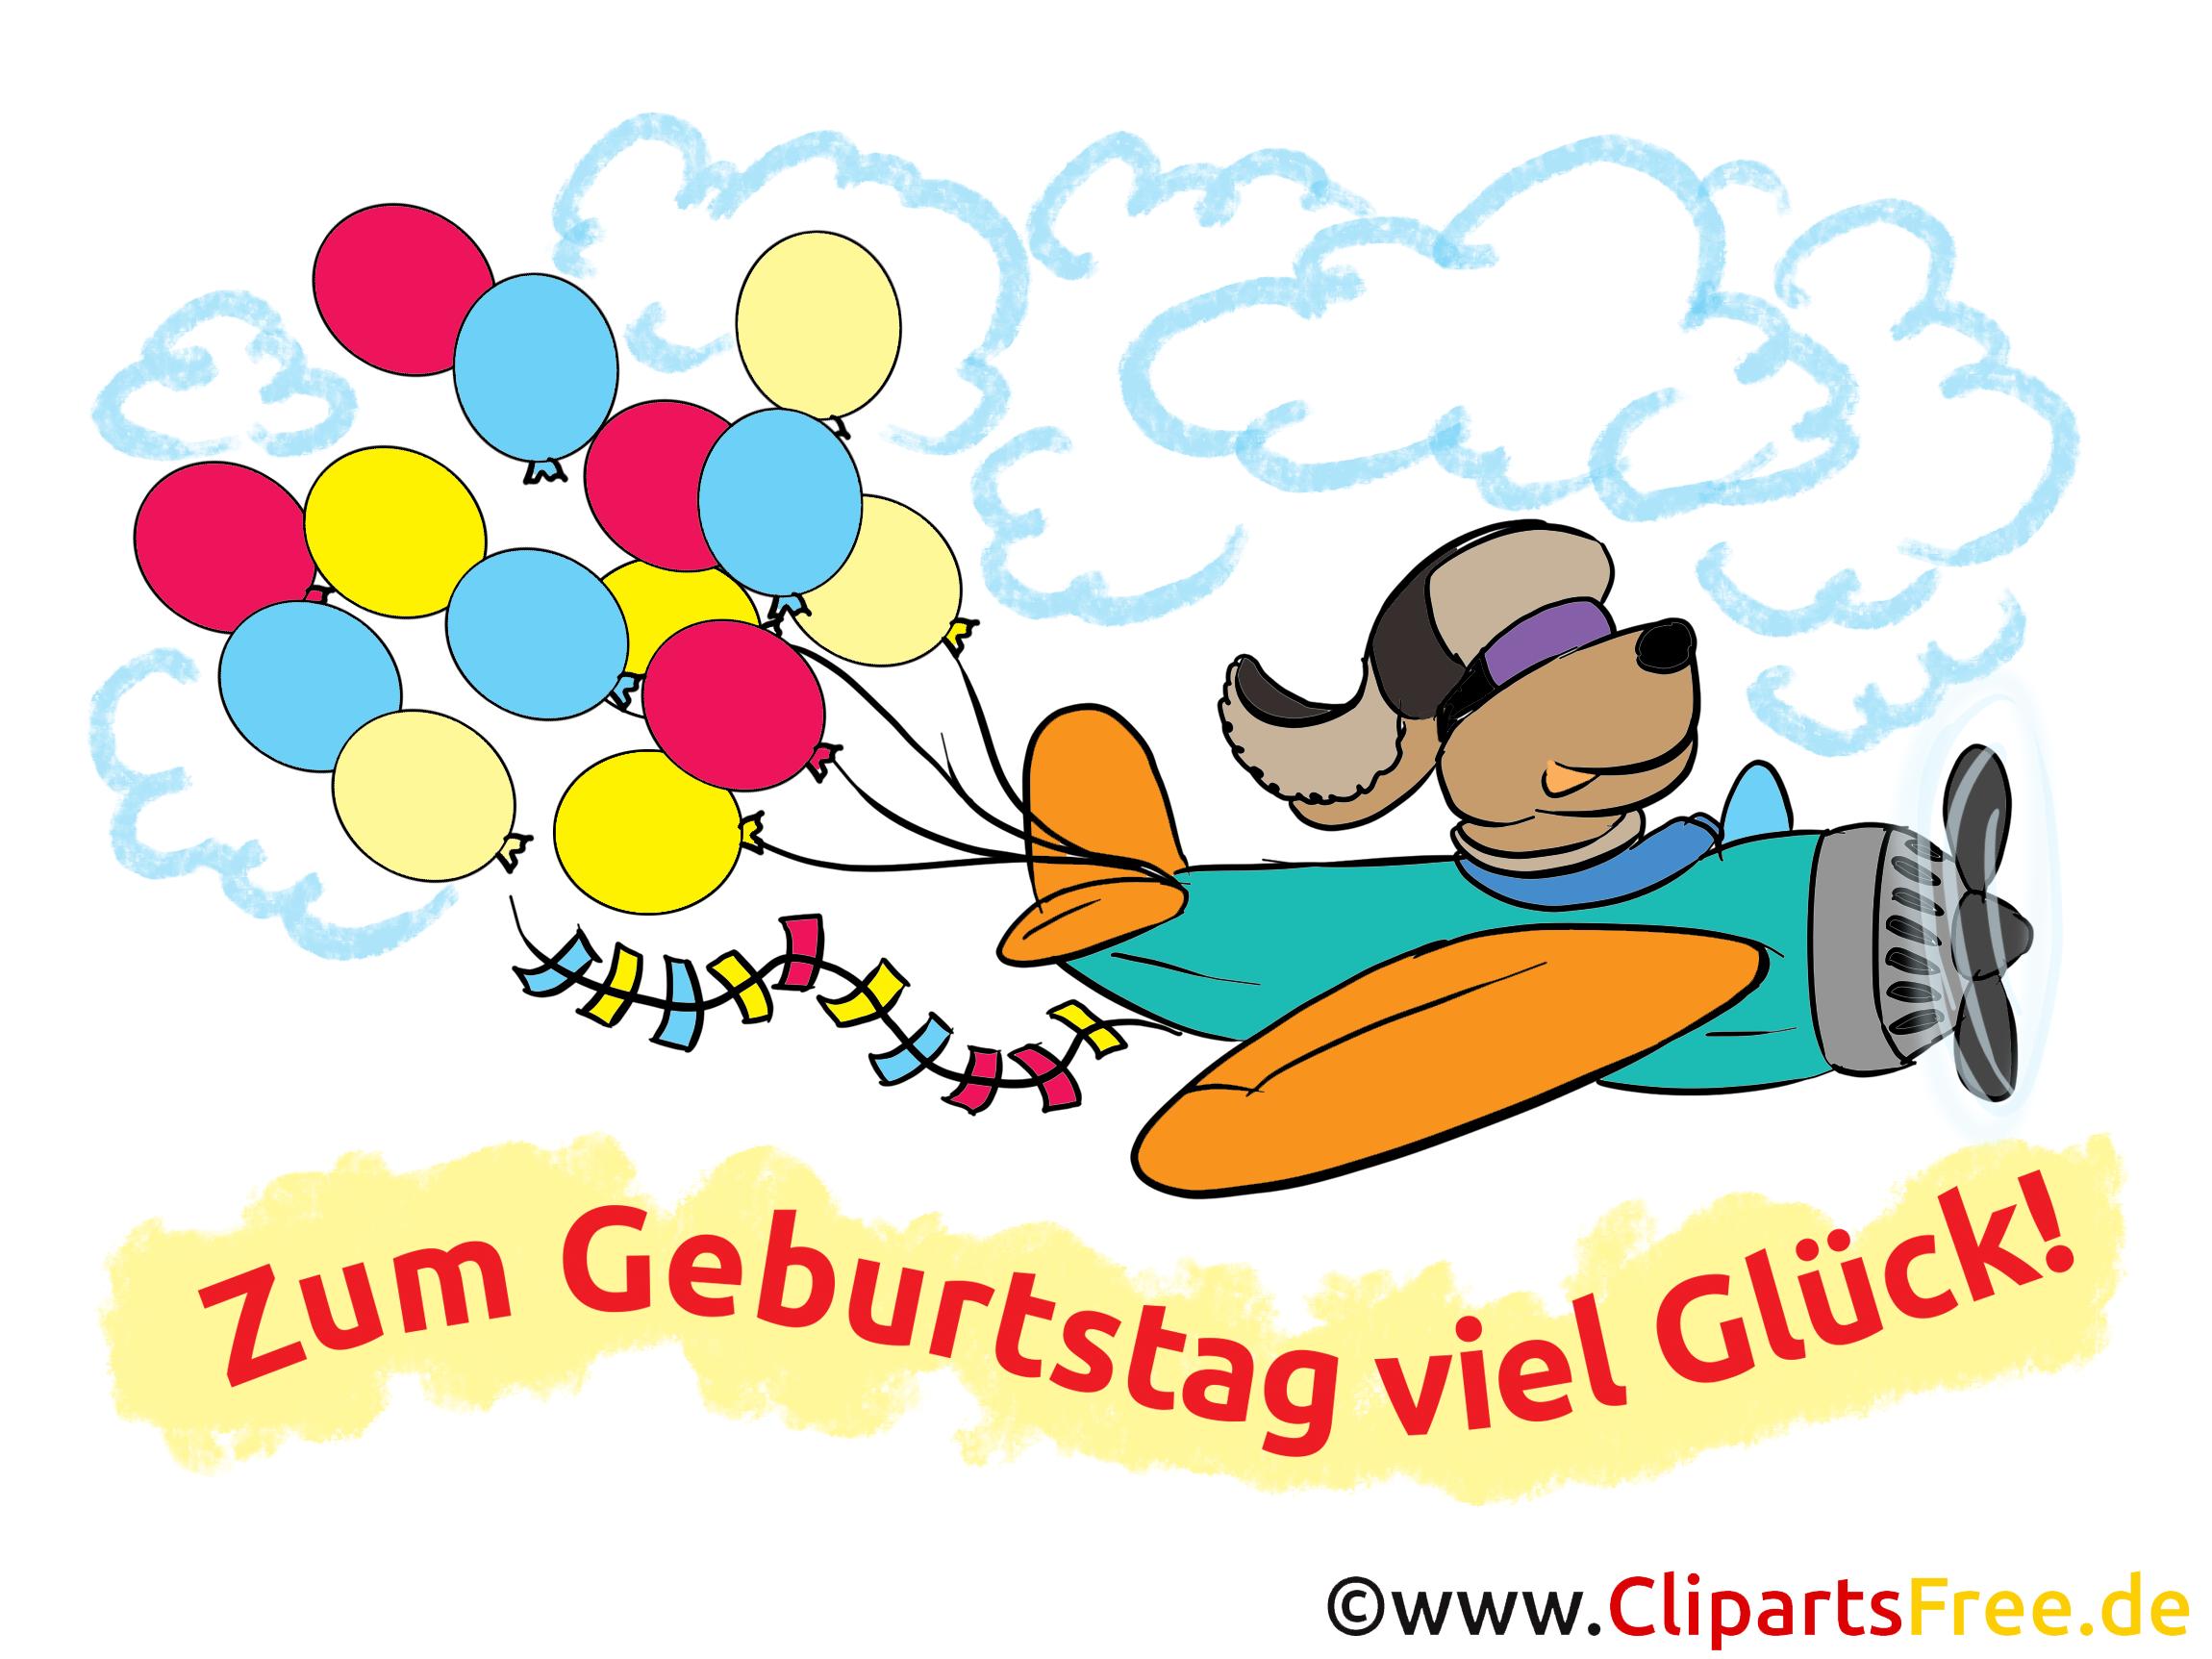 Lustige Geburtstagswünsche Als Cliparts Karten Bilder